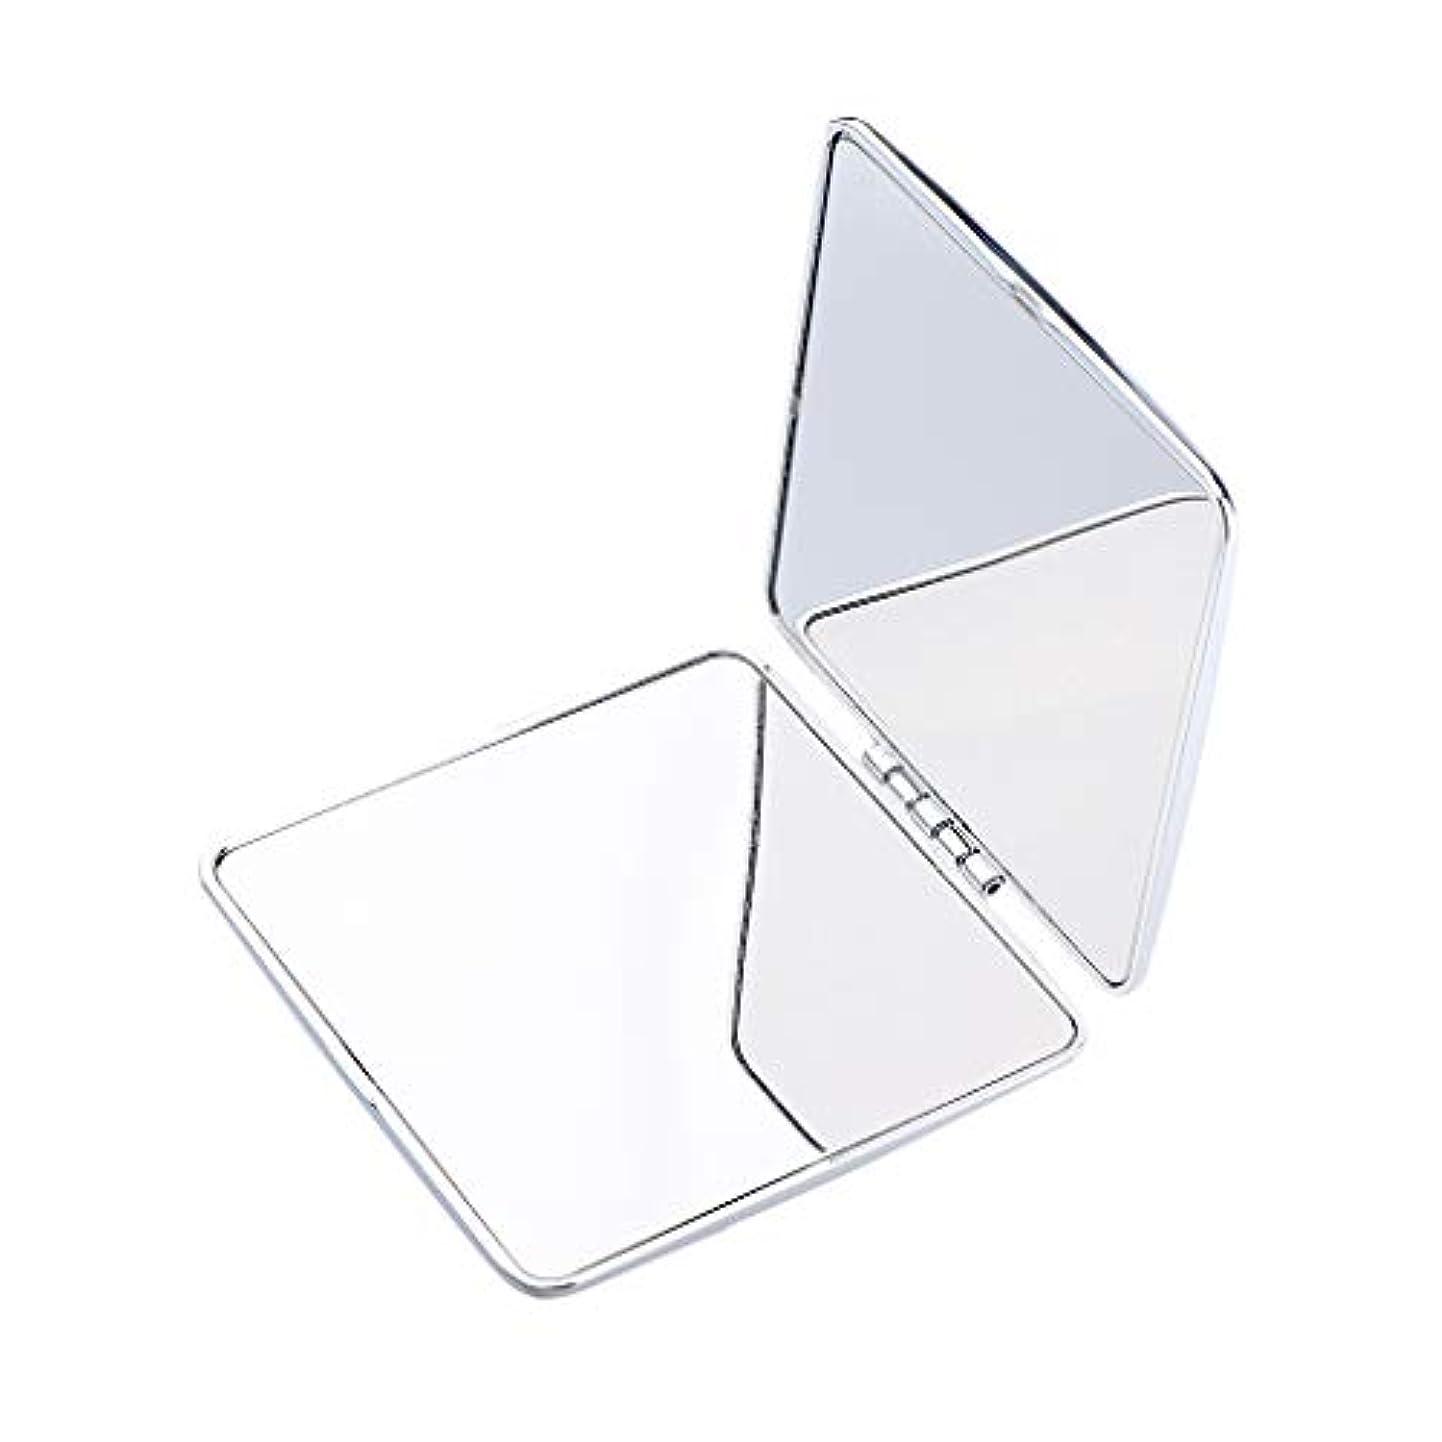 負担バタフライ忠実にポータブルポケットミラーコンパクトメイク化粧品ファッション虚栄心ミラー - 正方形